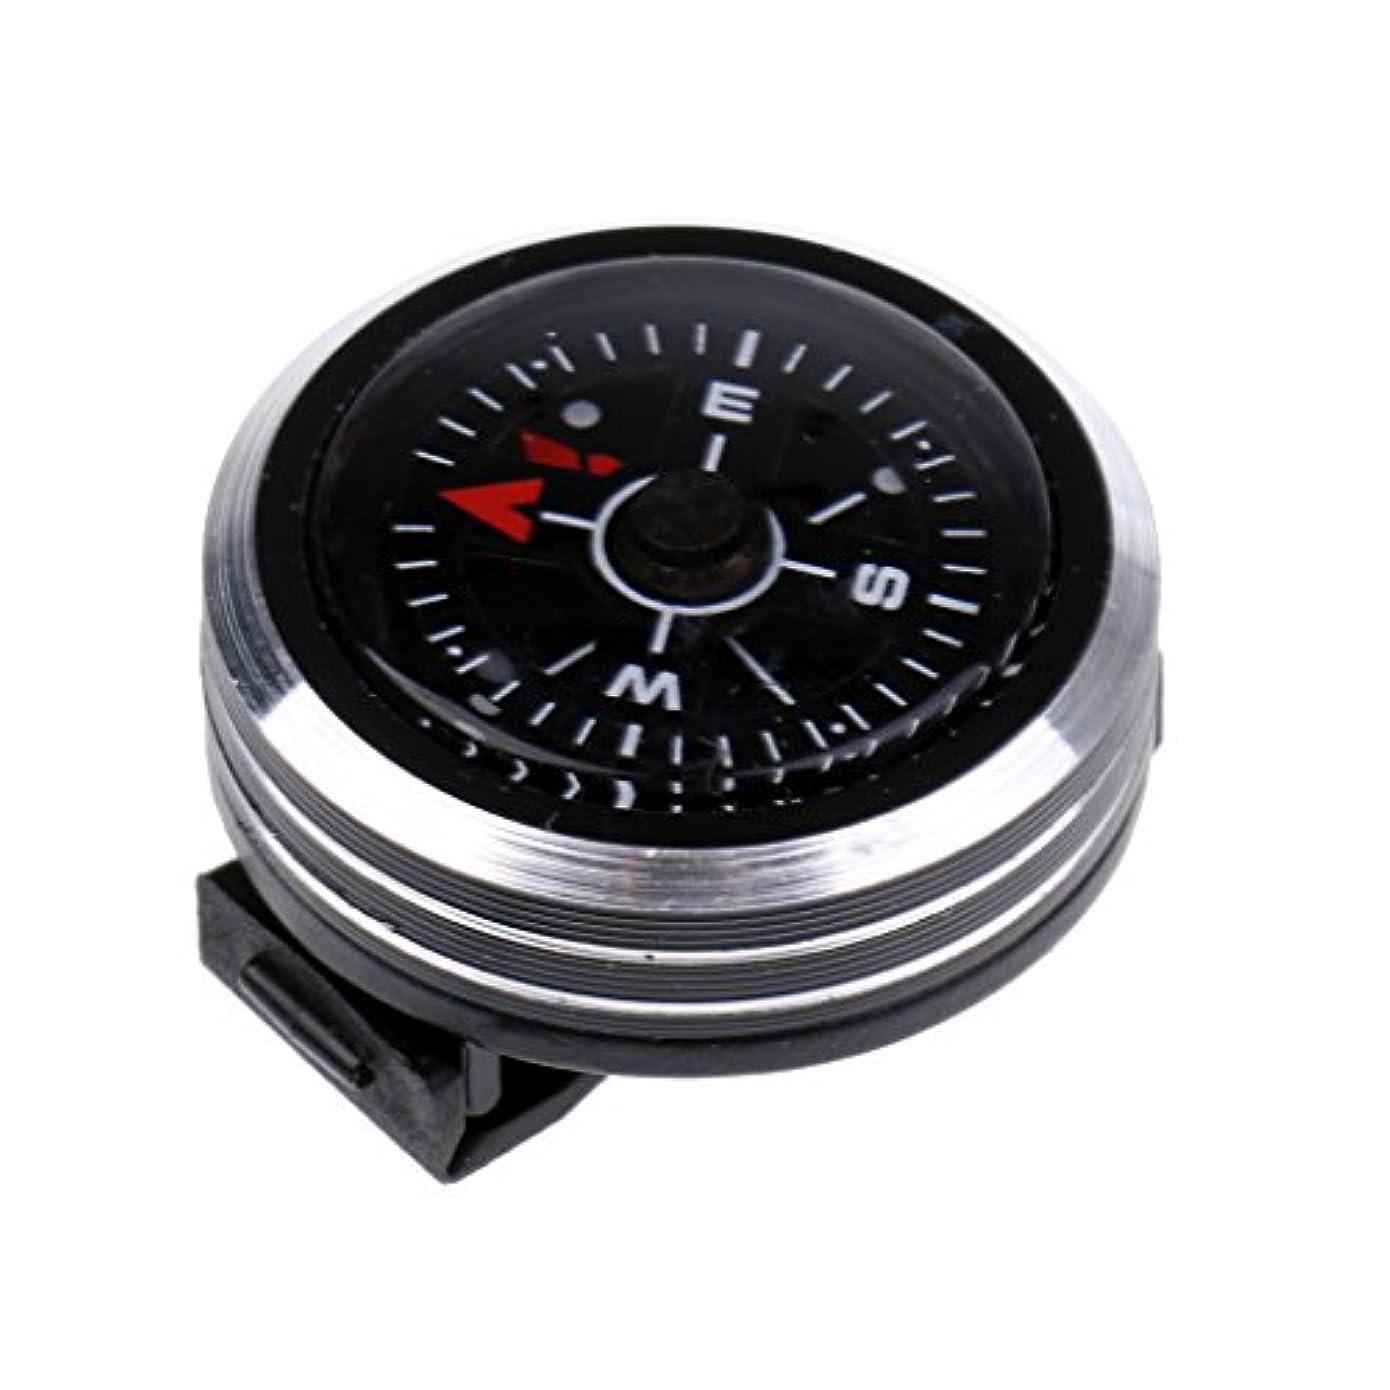 ベッドを作る疼痛ブローホールLovoski 屋外 サバイバルキット キャンプ 腕時計の形 コンパス 方位磁石